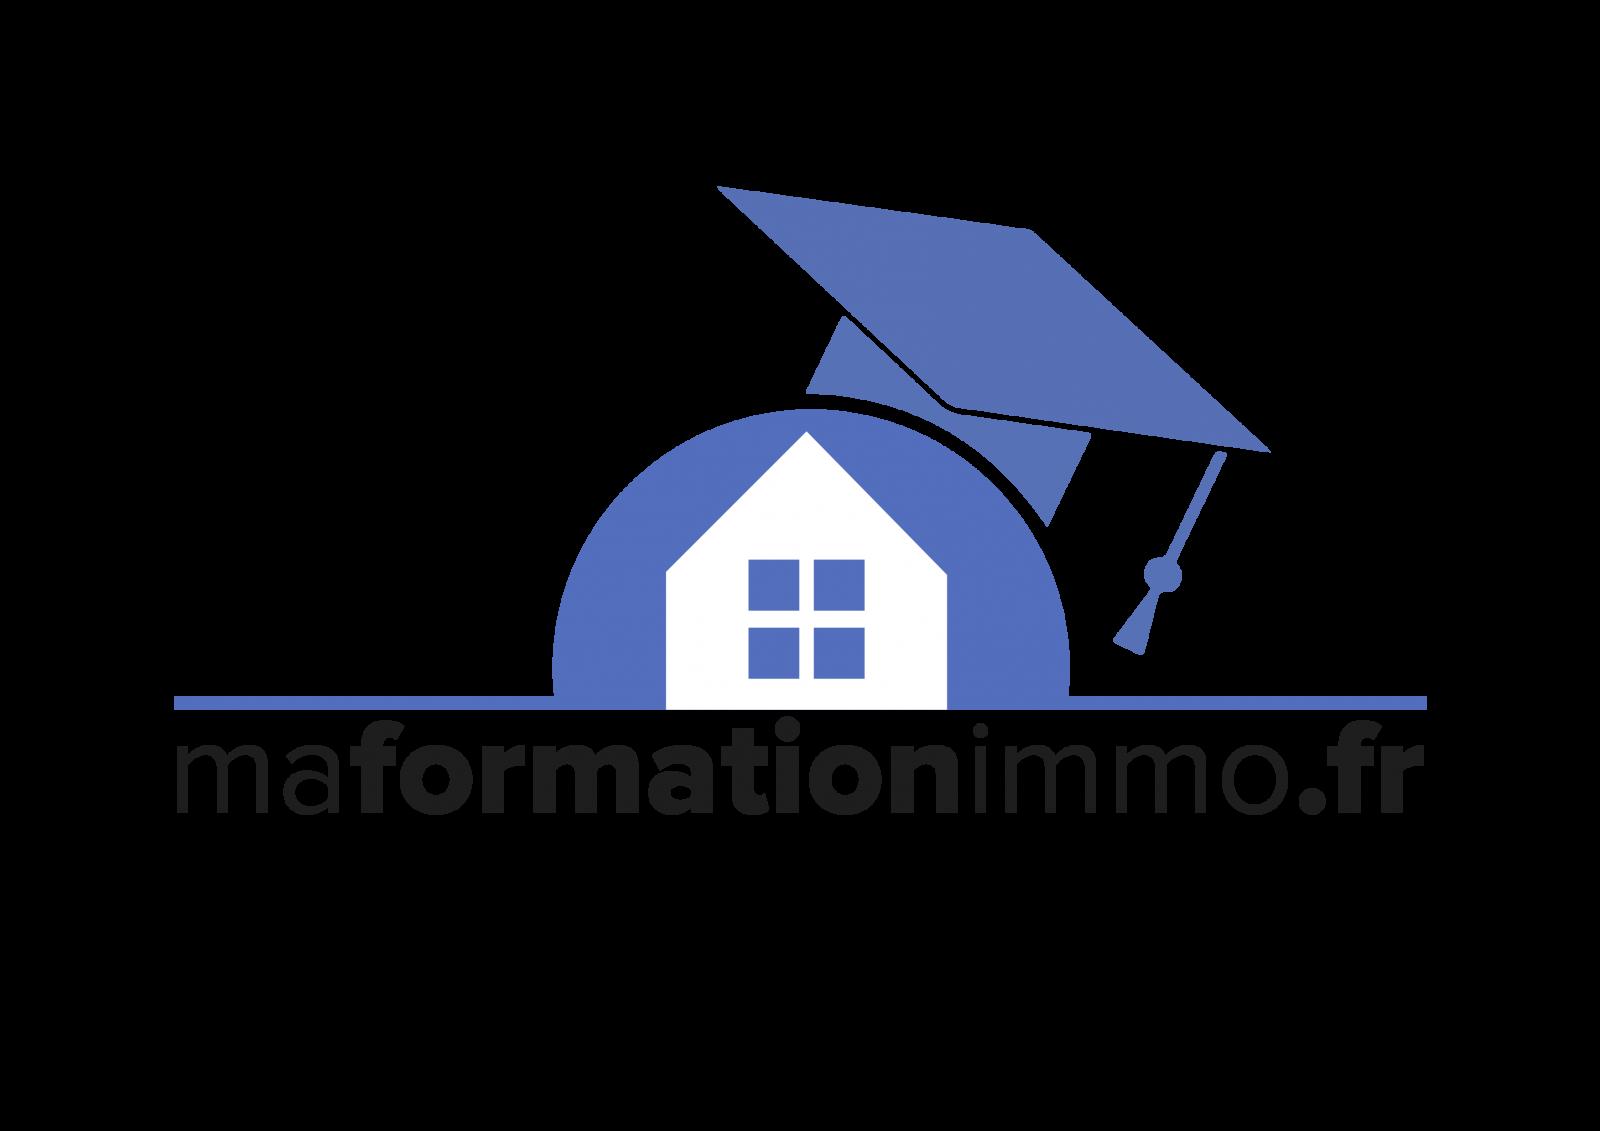 Logo Maformationimmo.fr